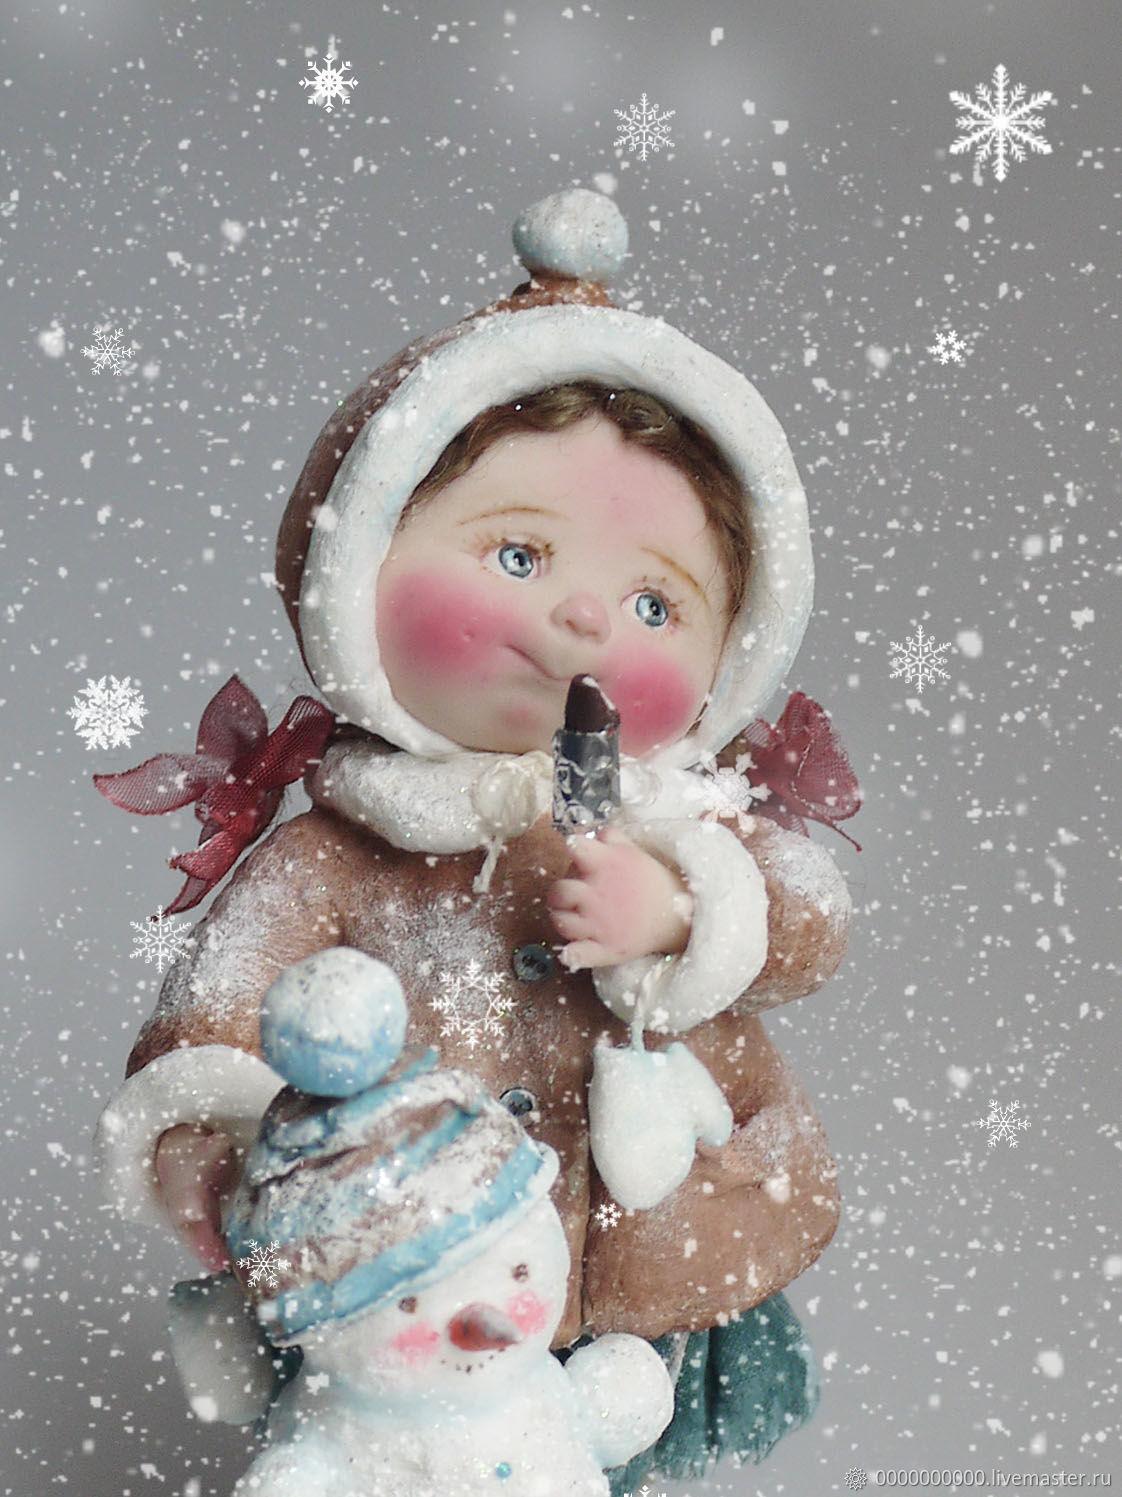 Оленька, Куклы и пупсы, Санкт-Петербург,  Фото №1